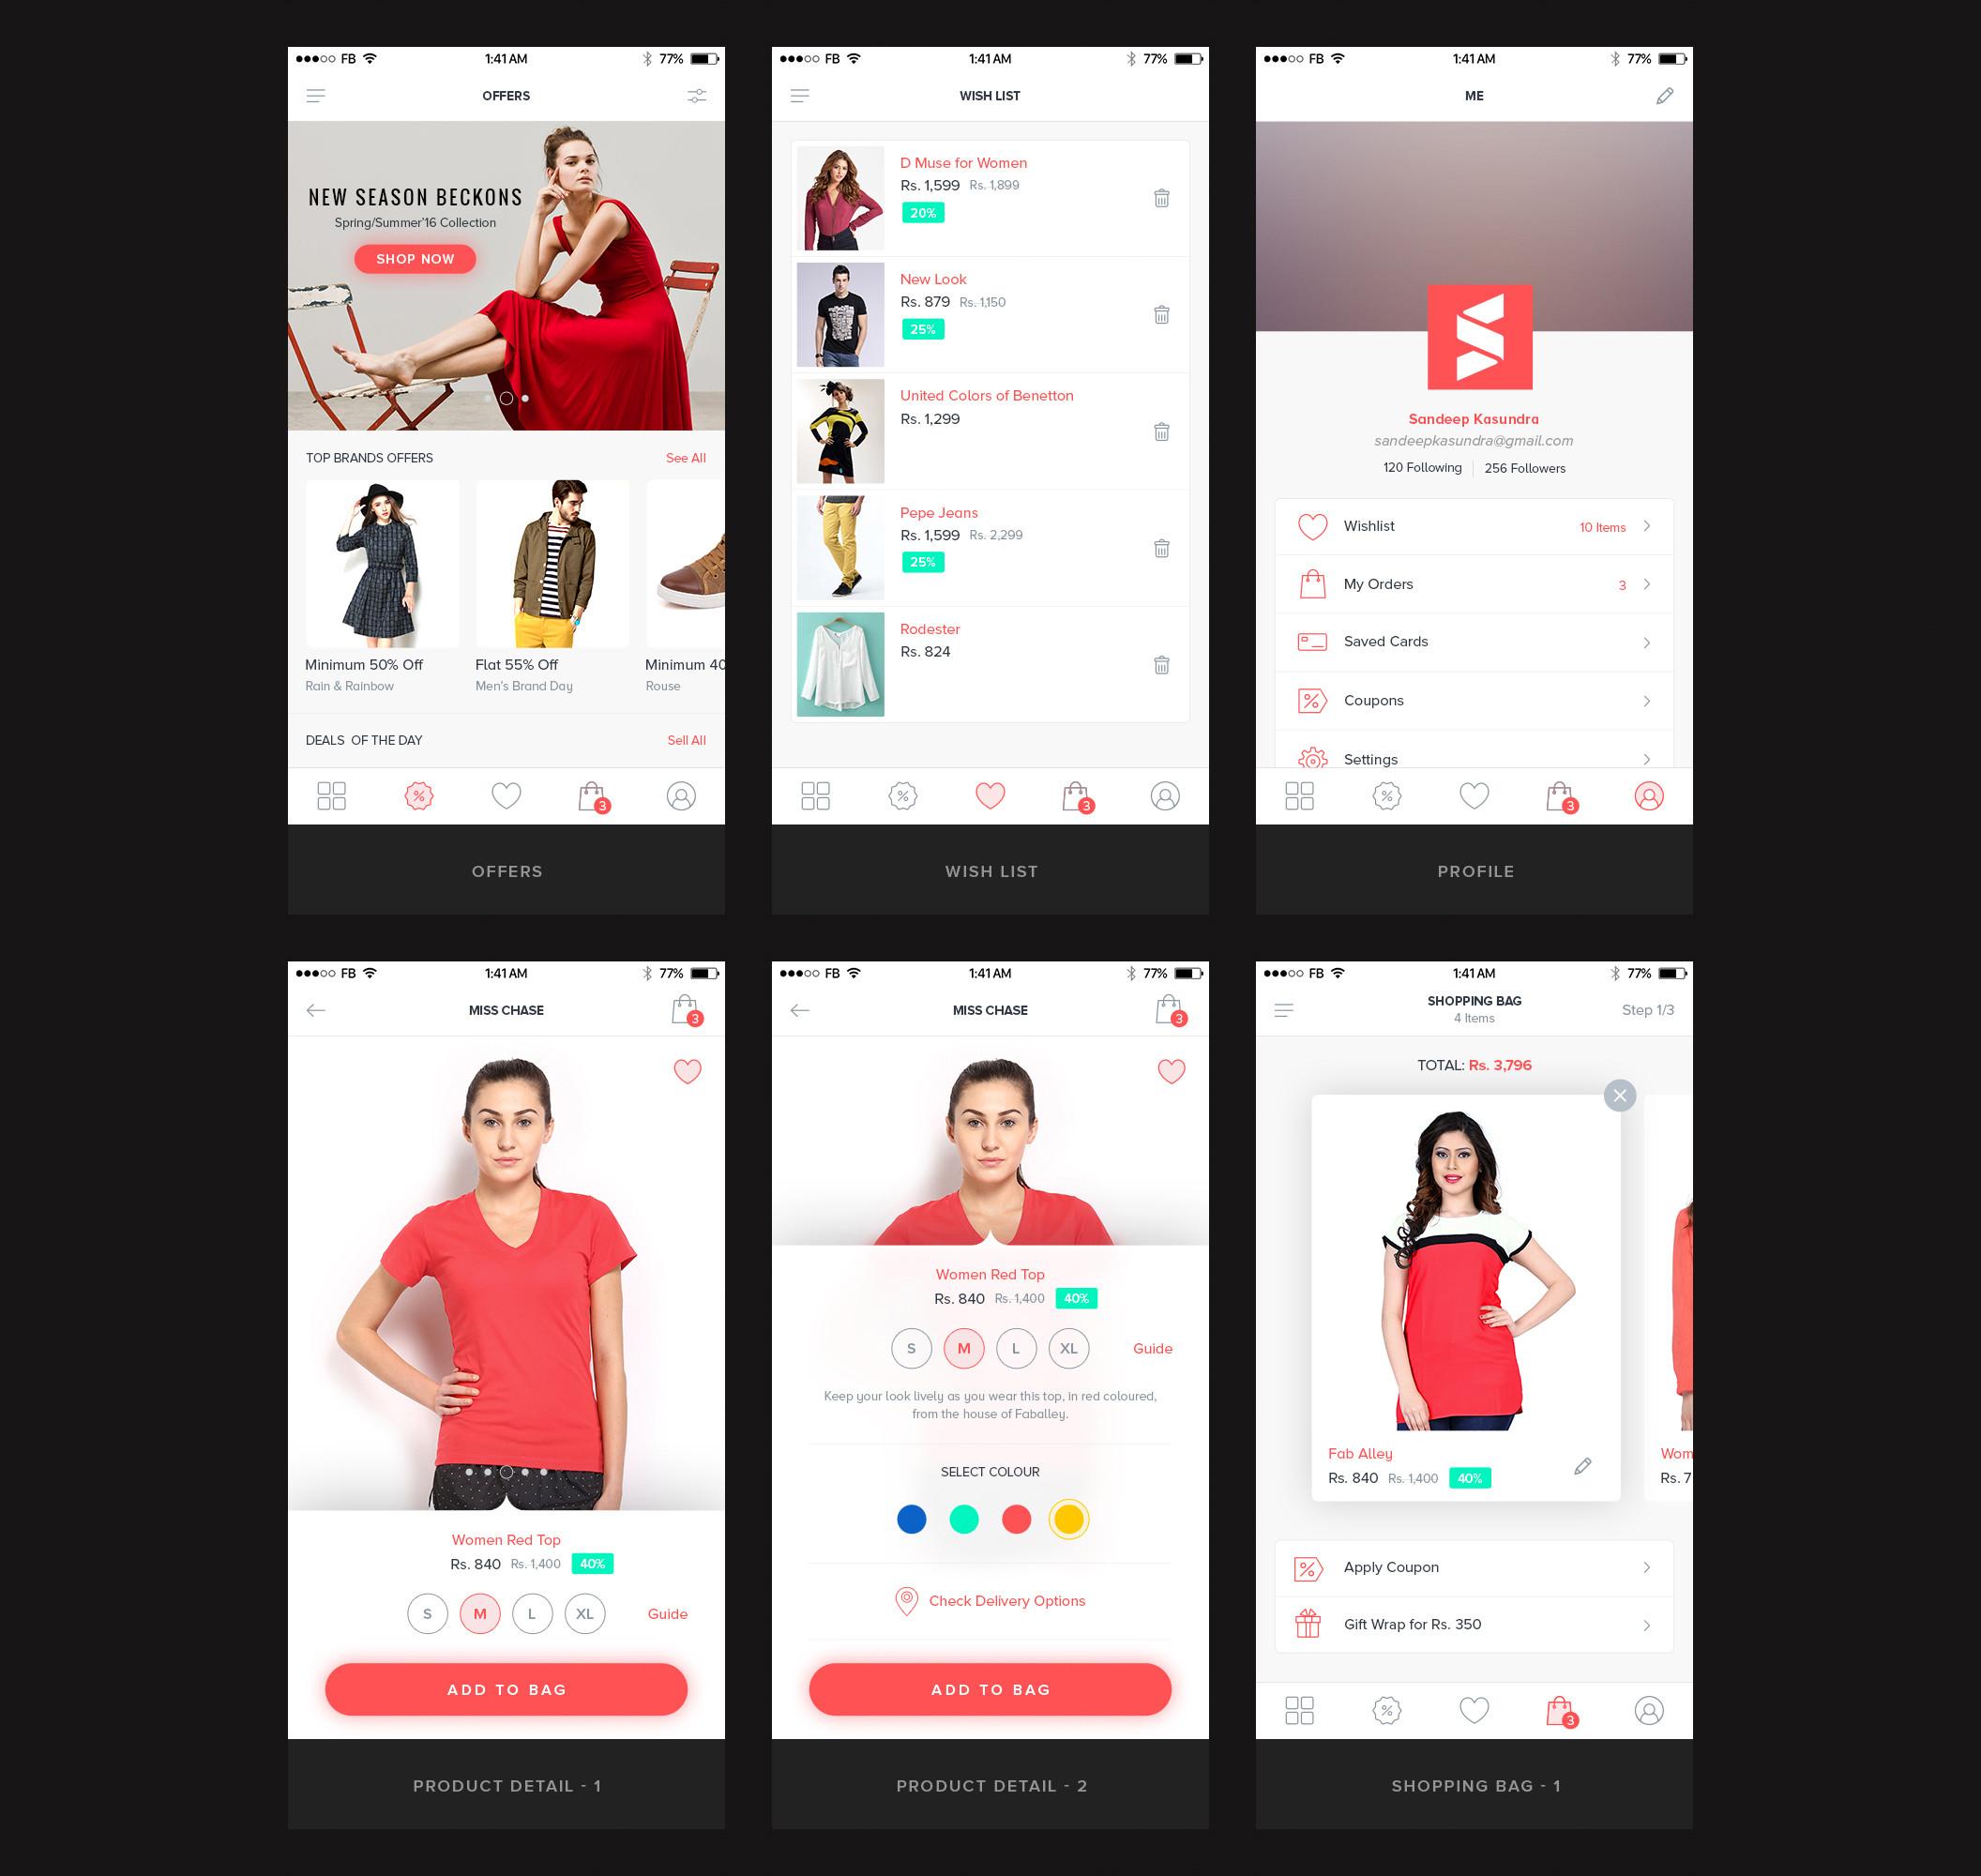 一个专业简洁的电商购物完整Ui界面设计 psd素材下载 界面-第4张